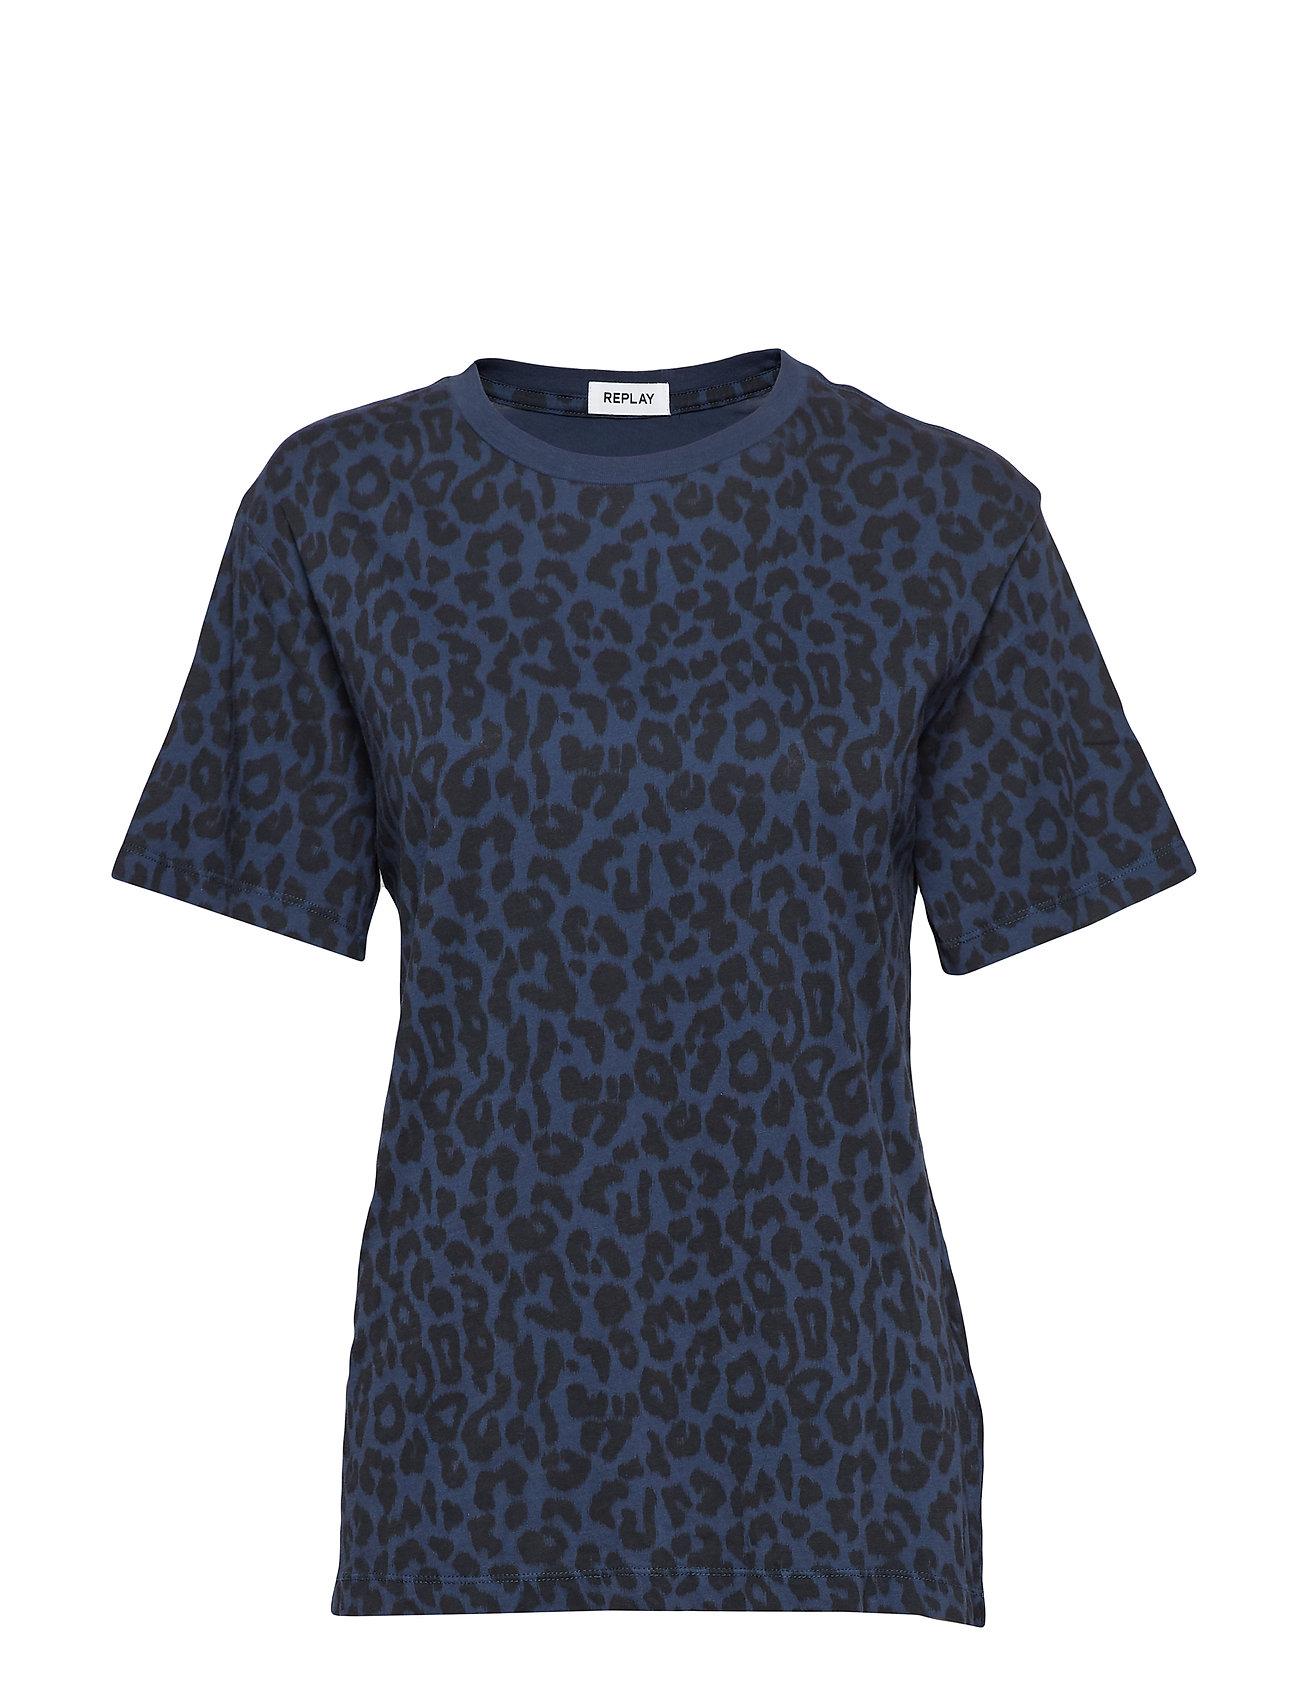 Replay TShirt - BLUE & BLACK ANIMALIER